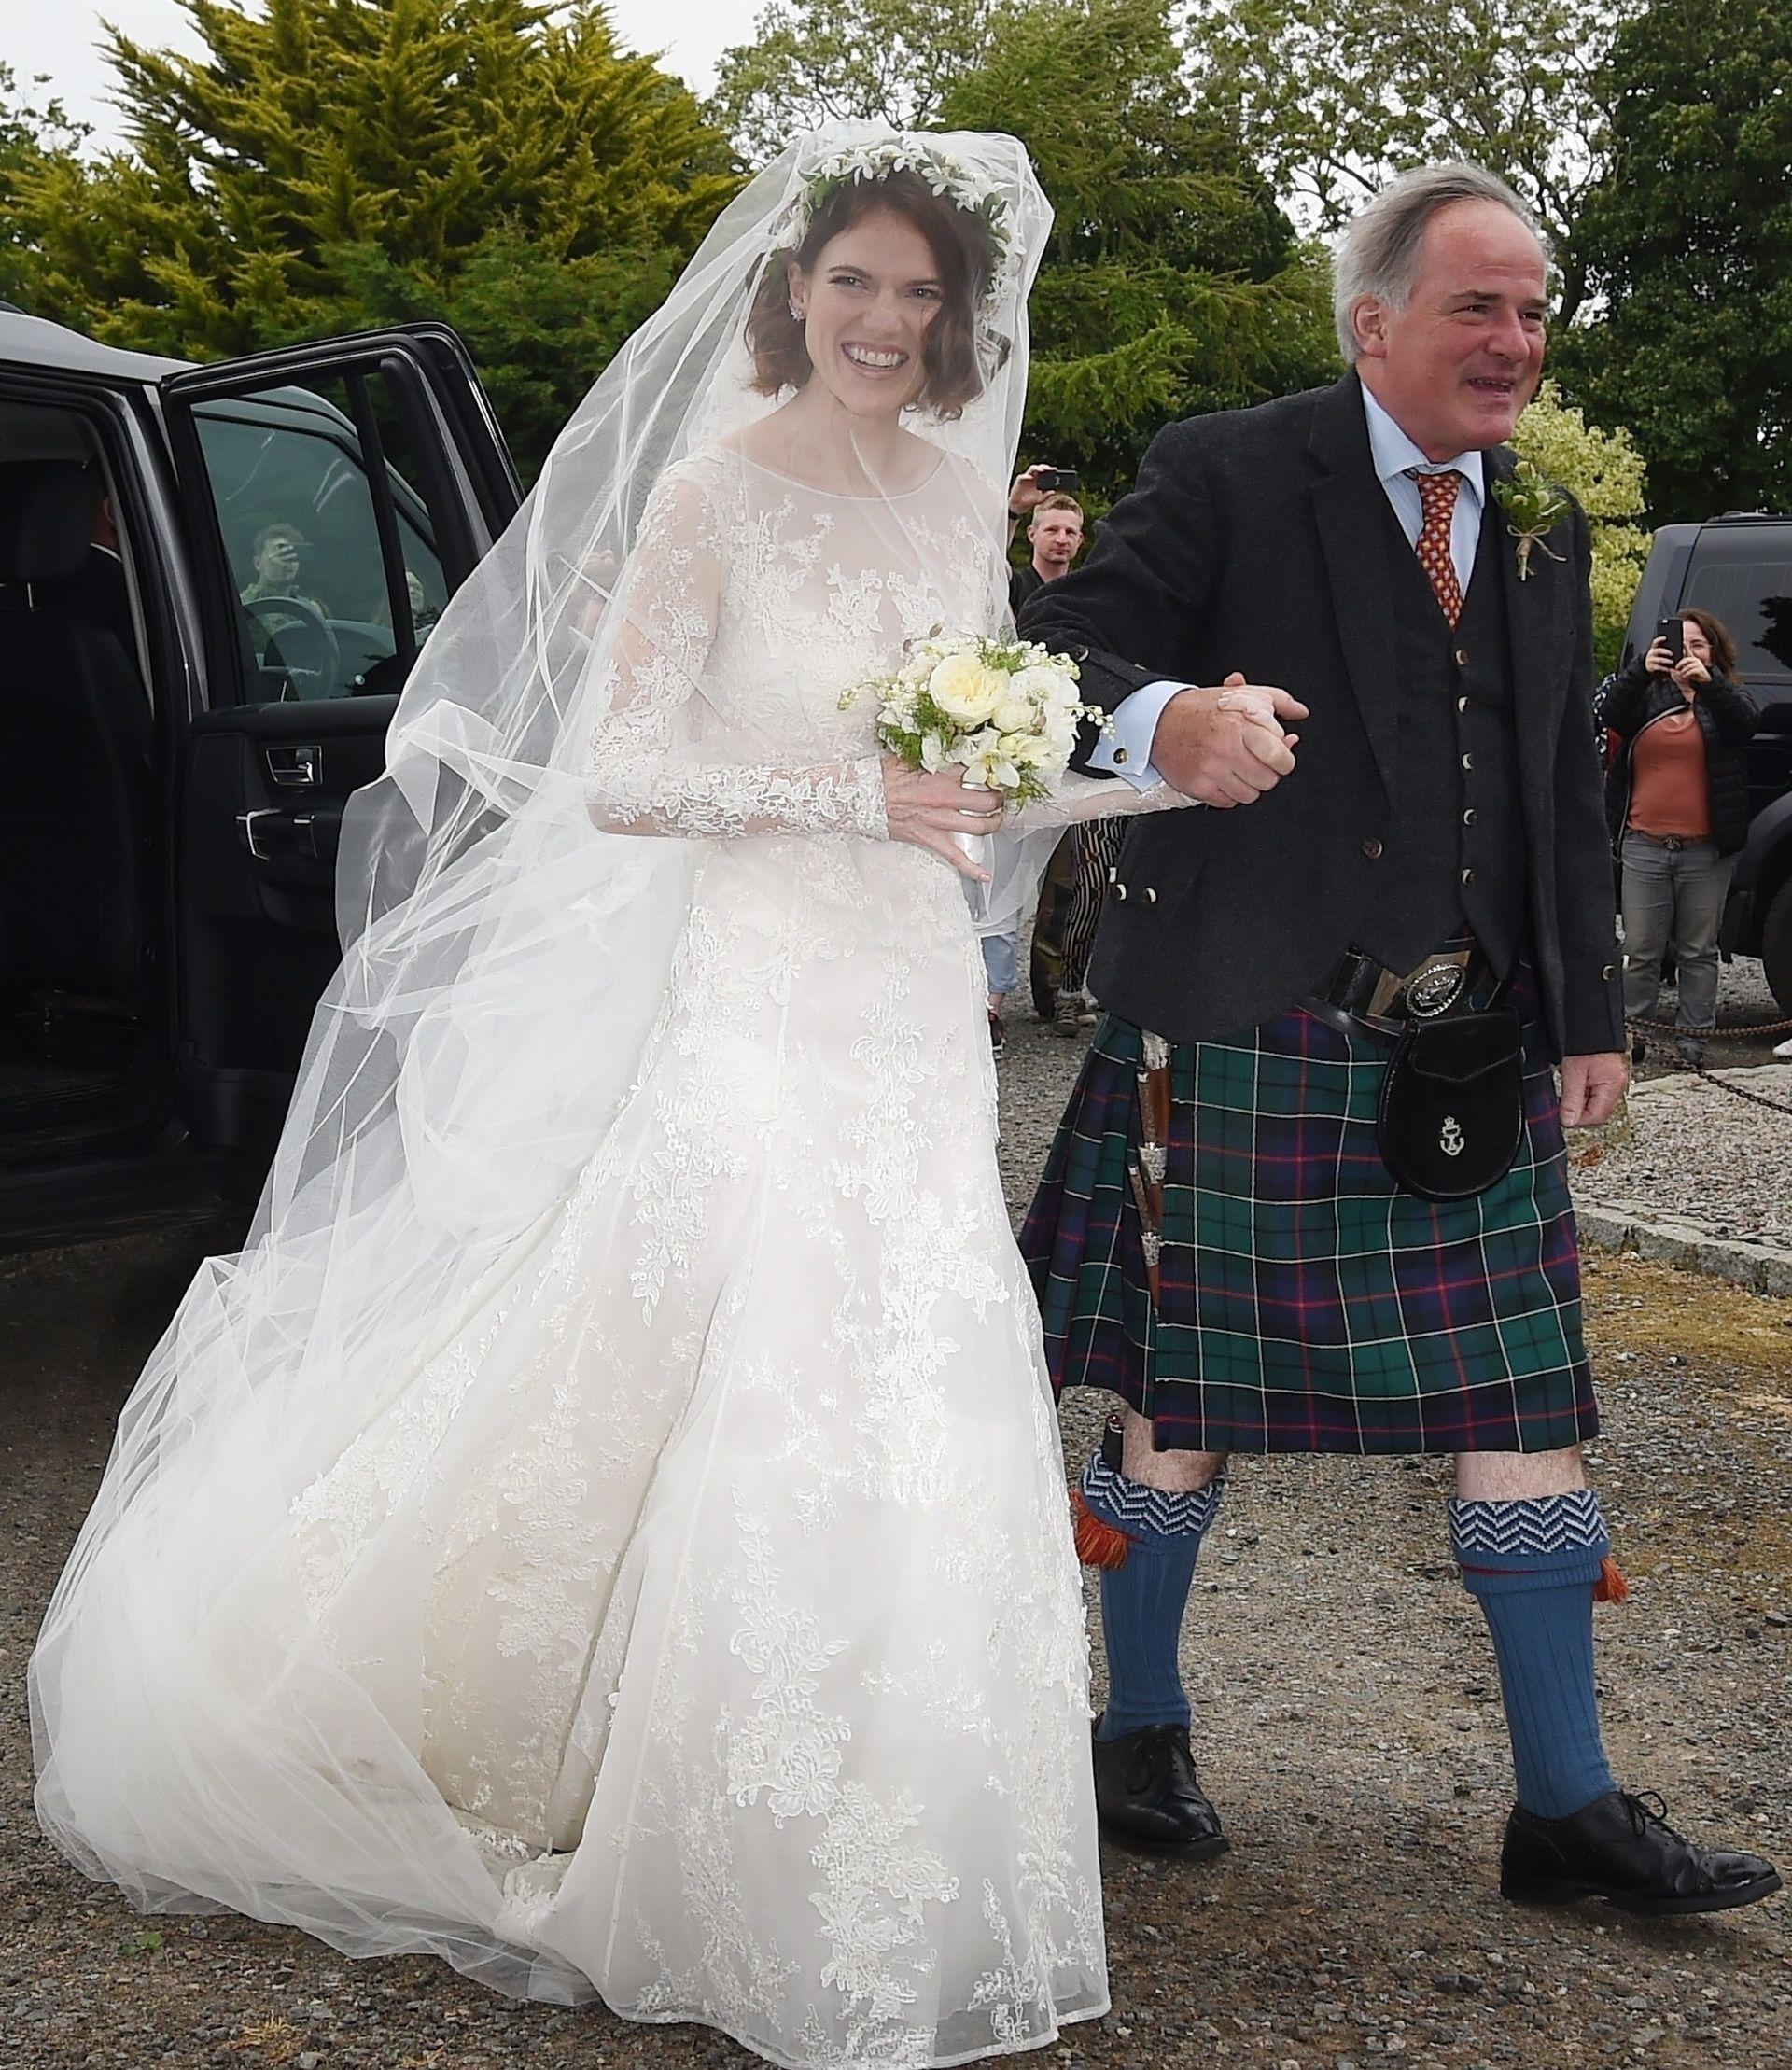 Gwiazdy Gry o tron wzięły ślub. Piękna kreacja Rose Leslie! (ZDJĘCIA)